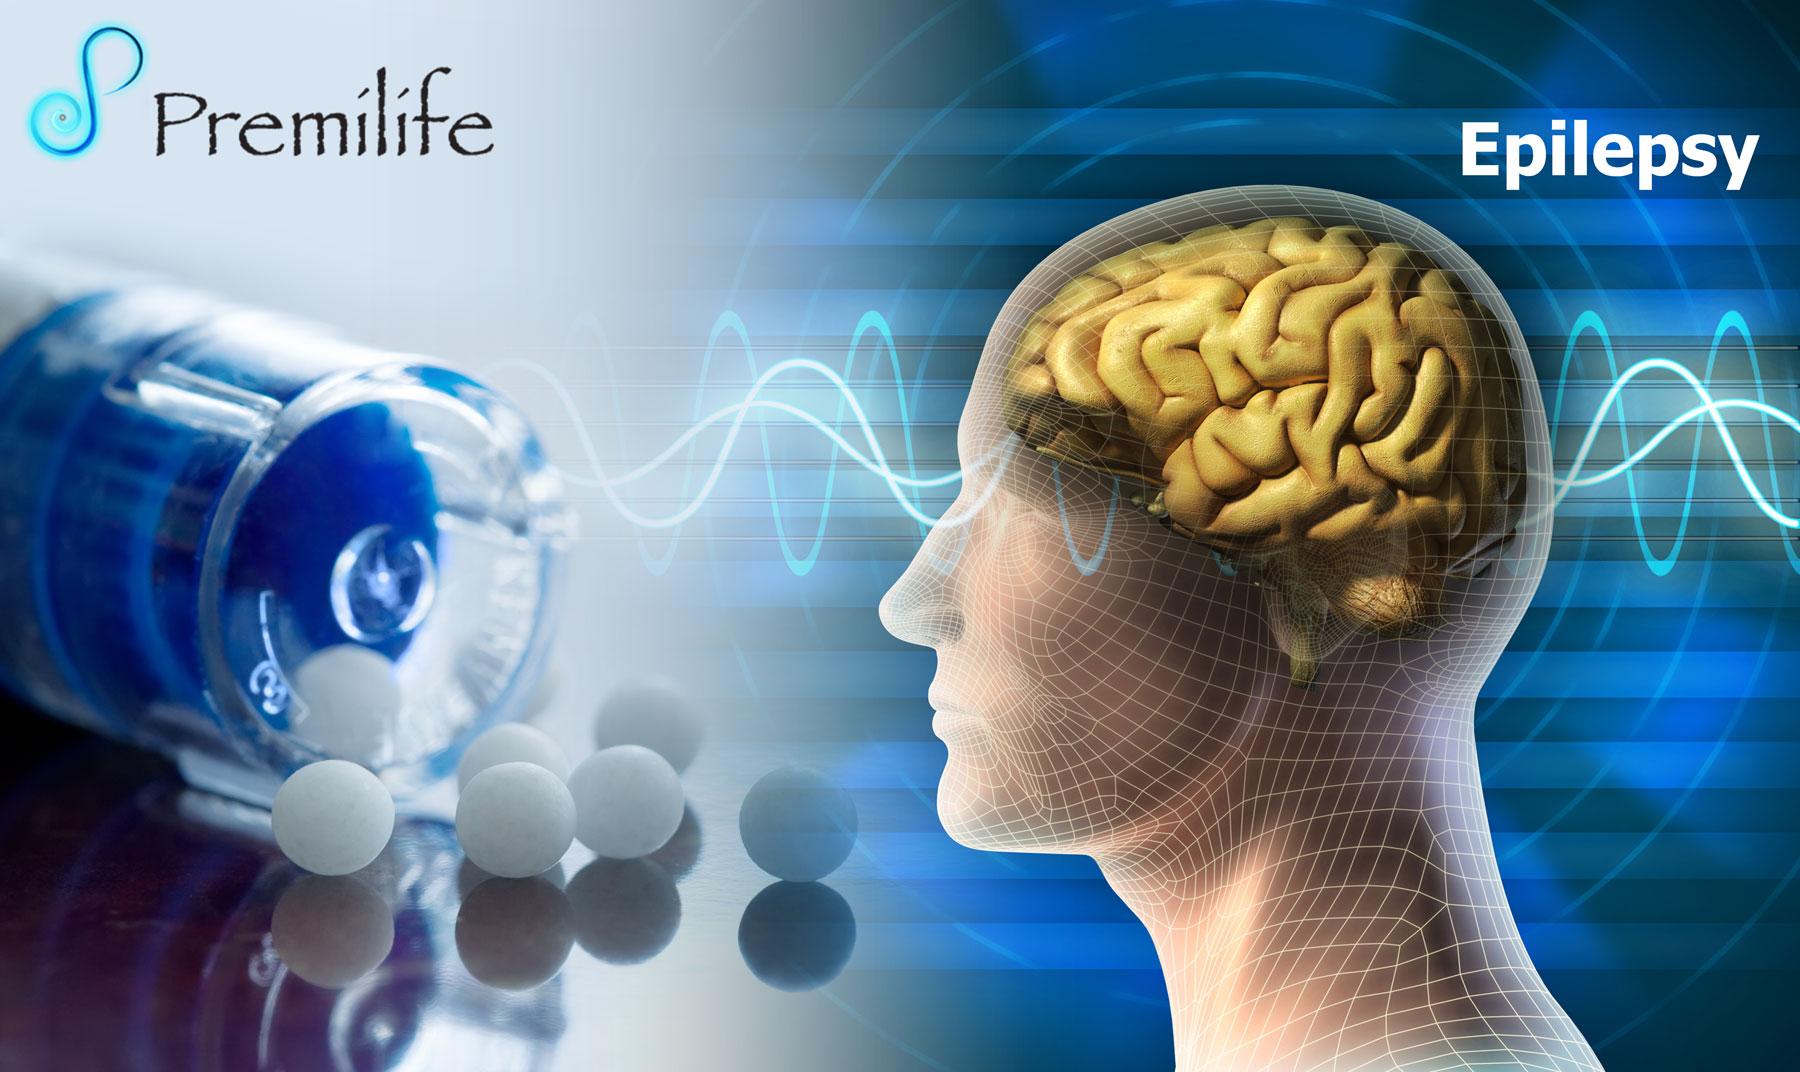 neurology and epilepsy support groups International league against epilepsy wwwilae-epilepsyorg meningioma support & info meningiomawebexonecom meningitis research foundation wwwmeningitisorguk.